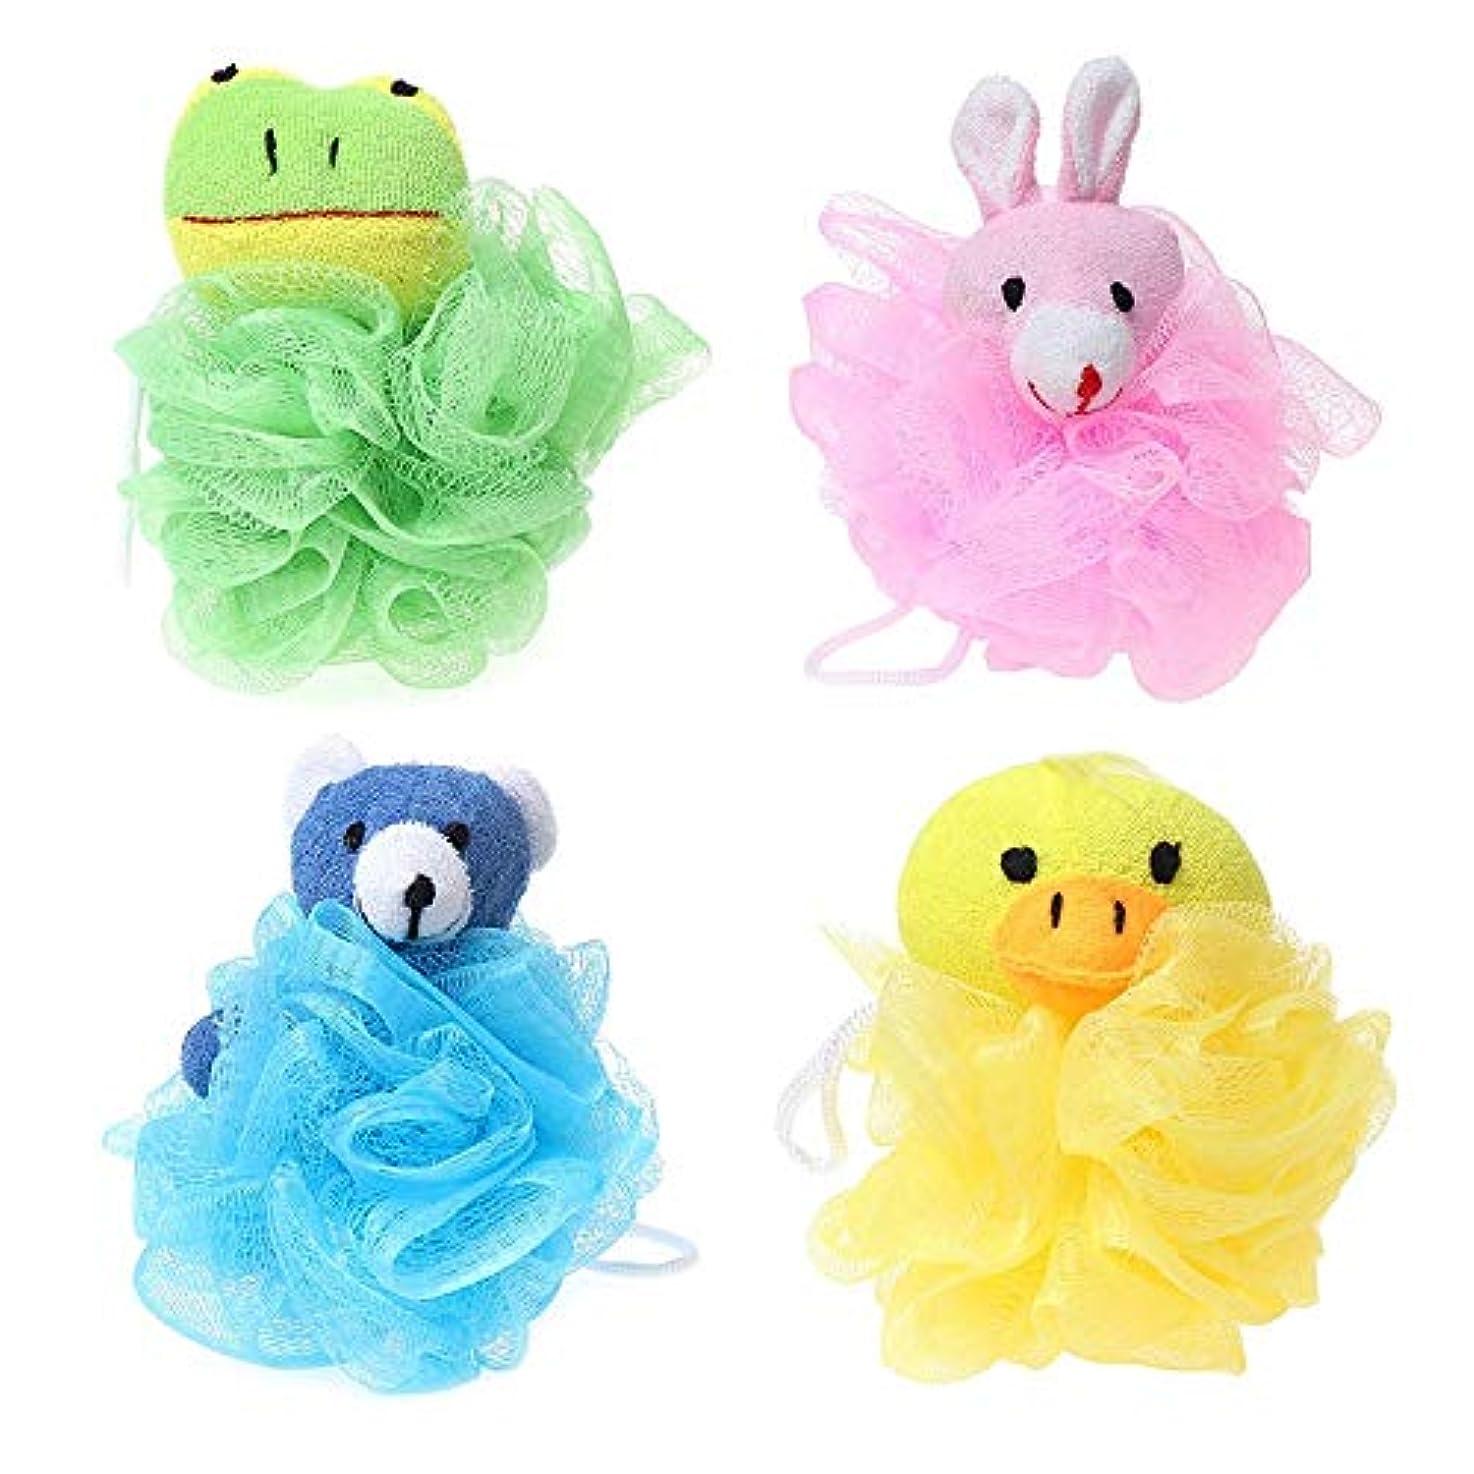 ネット細胞借りるTOOGOO 子供用おもちゃクッションパフメッシュぬいぐるみ付き(4パック)カエル、アヒル、ウサギ、クマ